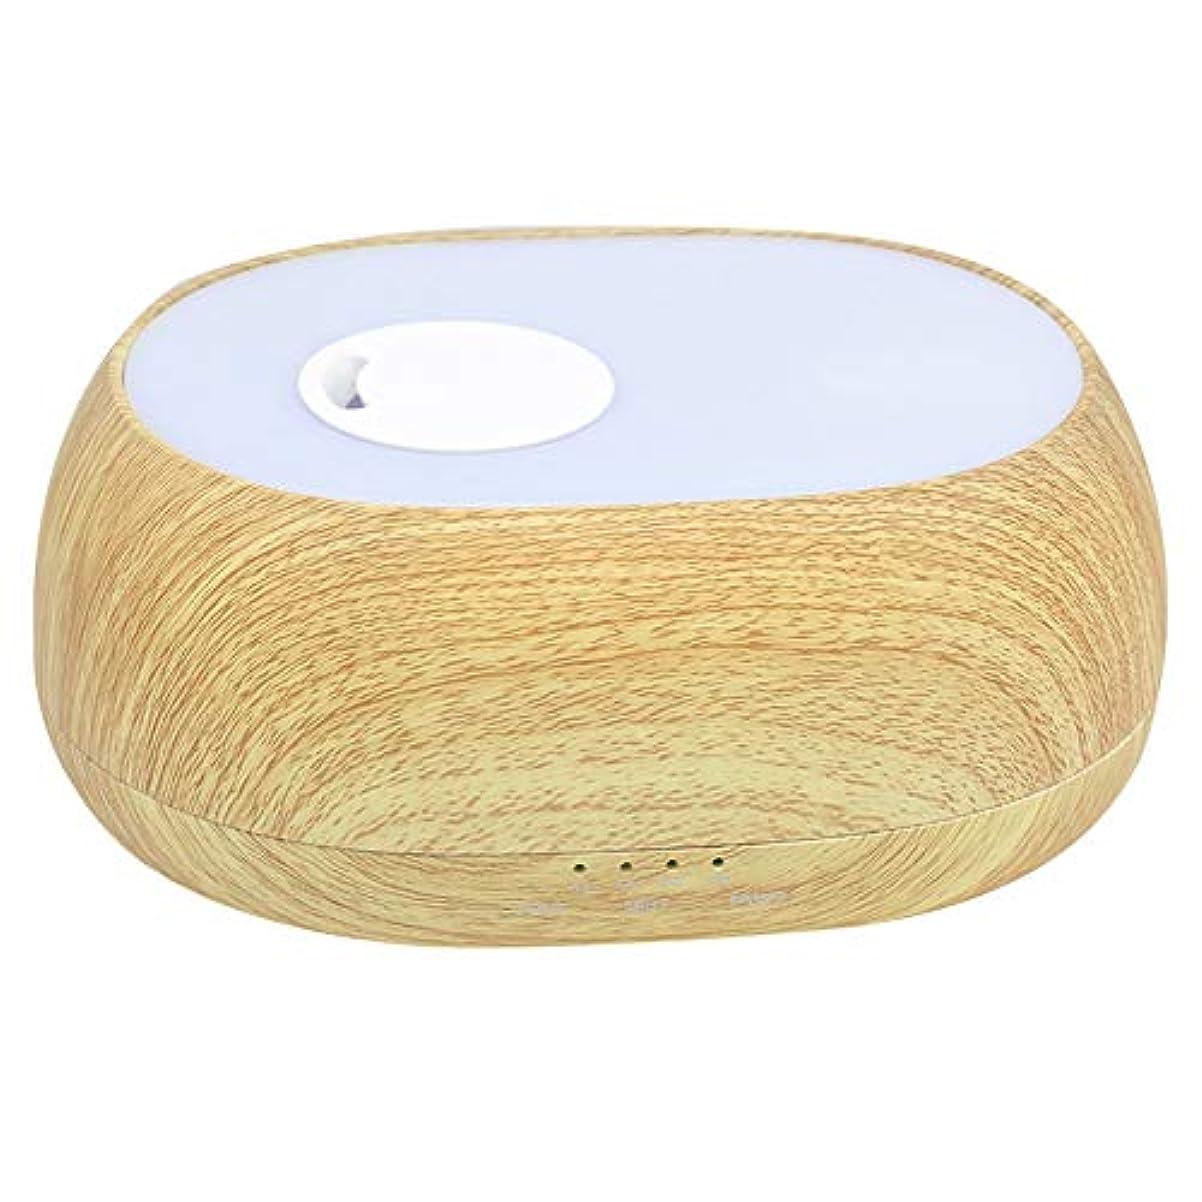 珍味旅客煩わしい加湿器 超音波 クールミスト 7色ライト アロマセラピー 芳香 オイル蒸発器 ディフューザー エッセンシャルオイル エアー浄化 (500ml)(#1)